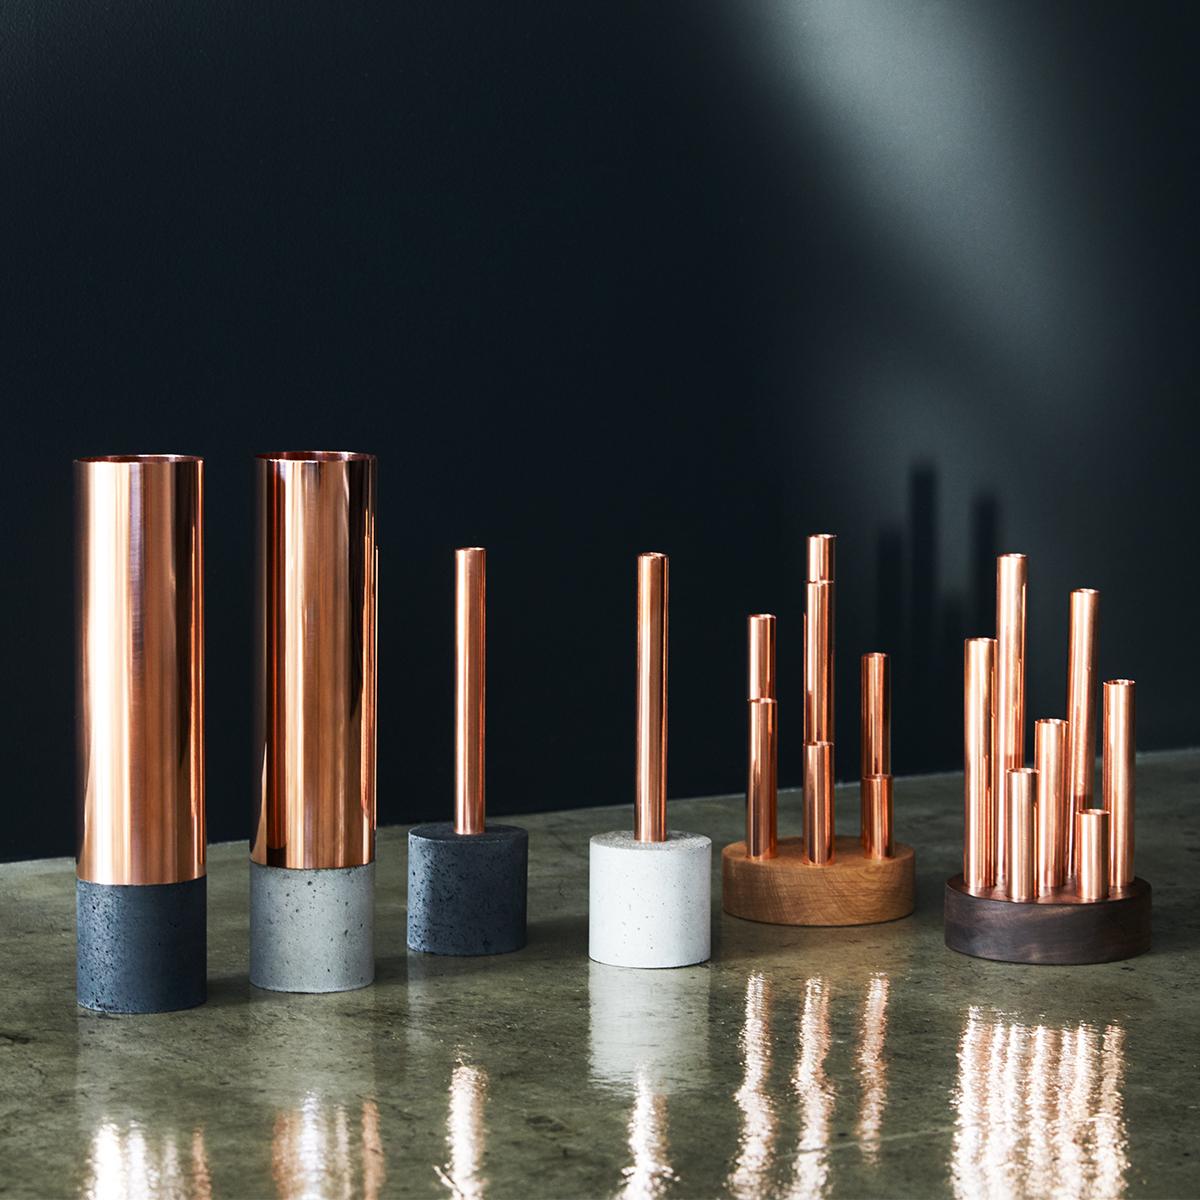 すべてデザイナー・池田圭一氏による手作業での製作。だから、ひと月に製作できる数量も限られています。無造作に挿すだけで「絵」になる、銅管の一輪挿し・花瓶・フラワーベース|BULBOUS